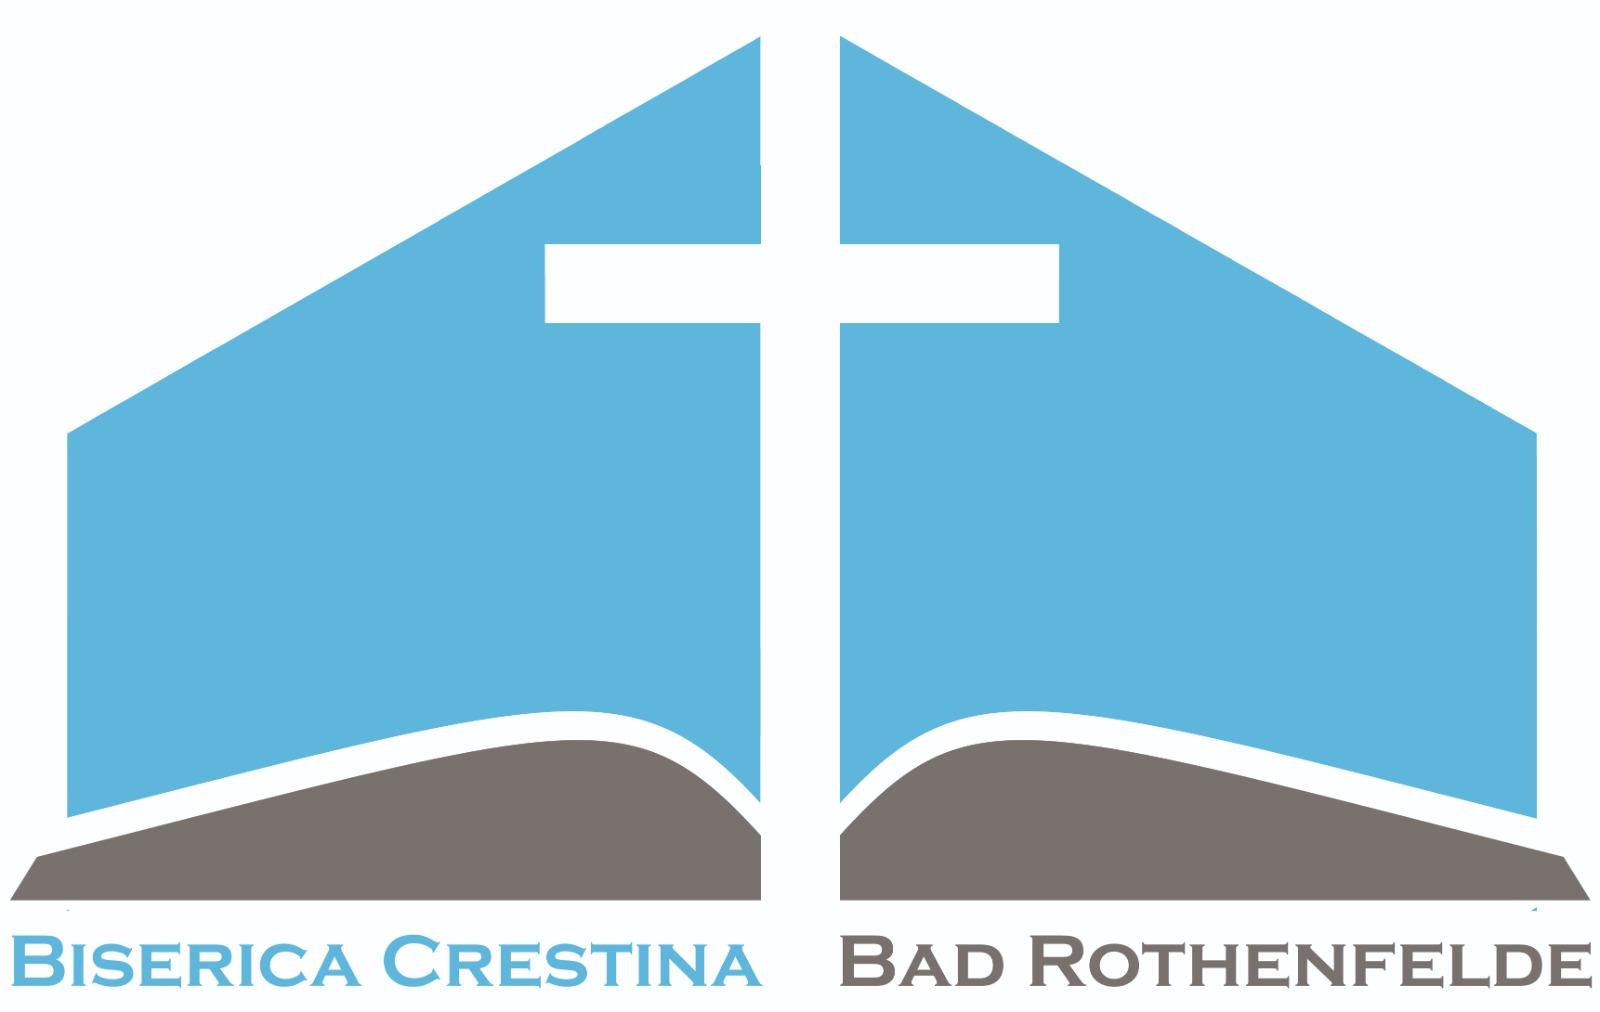 BISERICA CREȘTINĂ ROMÂNĂ